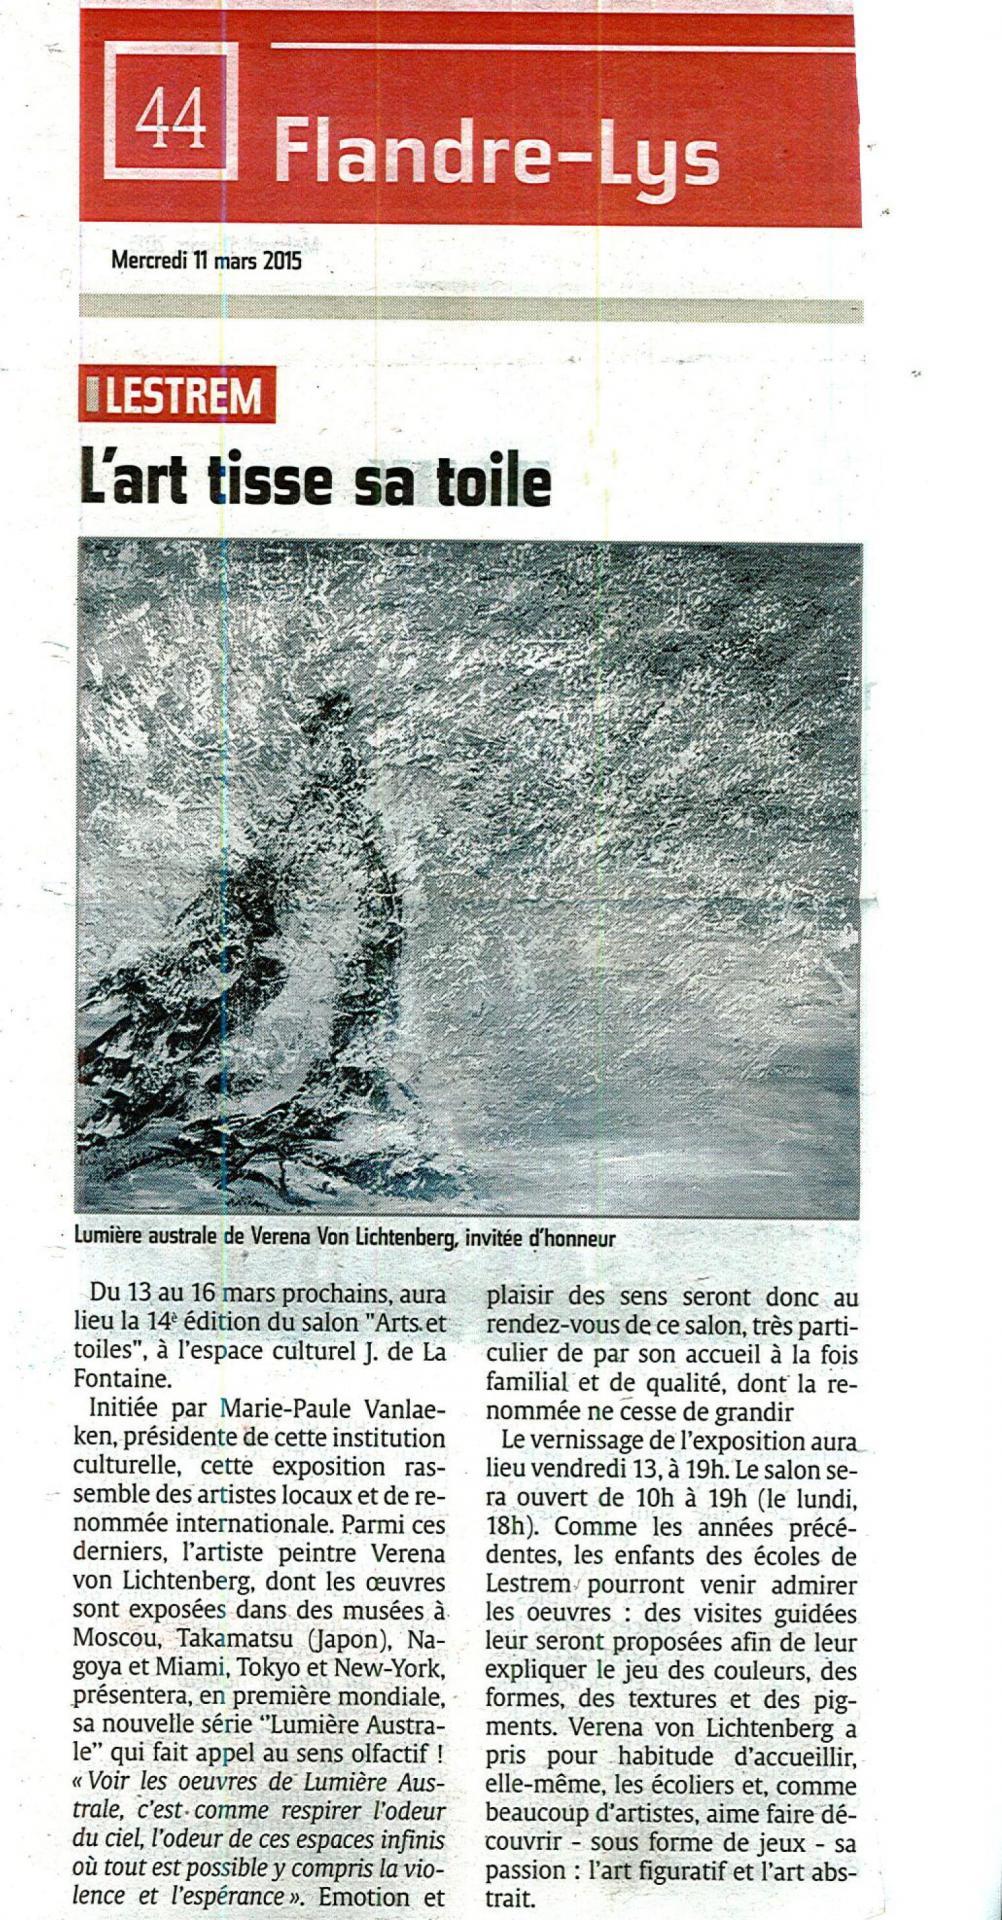 Presse l indicateur l artiste peintre verena von lichtenberg et a lestrem avec ses tableaux et oeuvres d art de l exposition nord licht 1